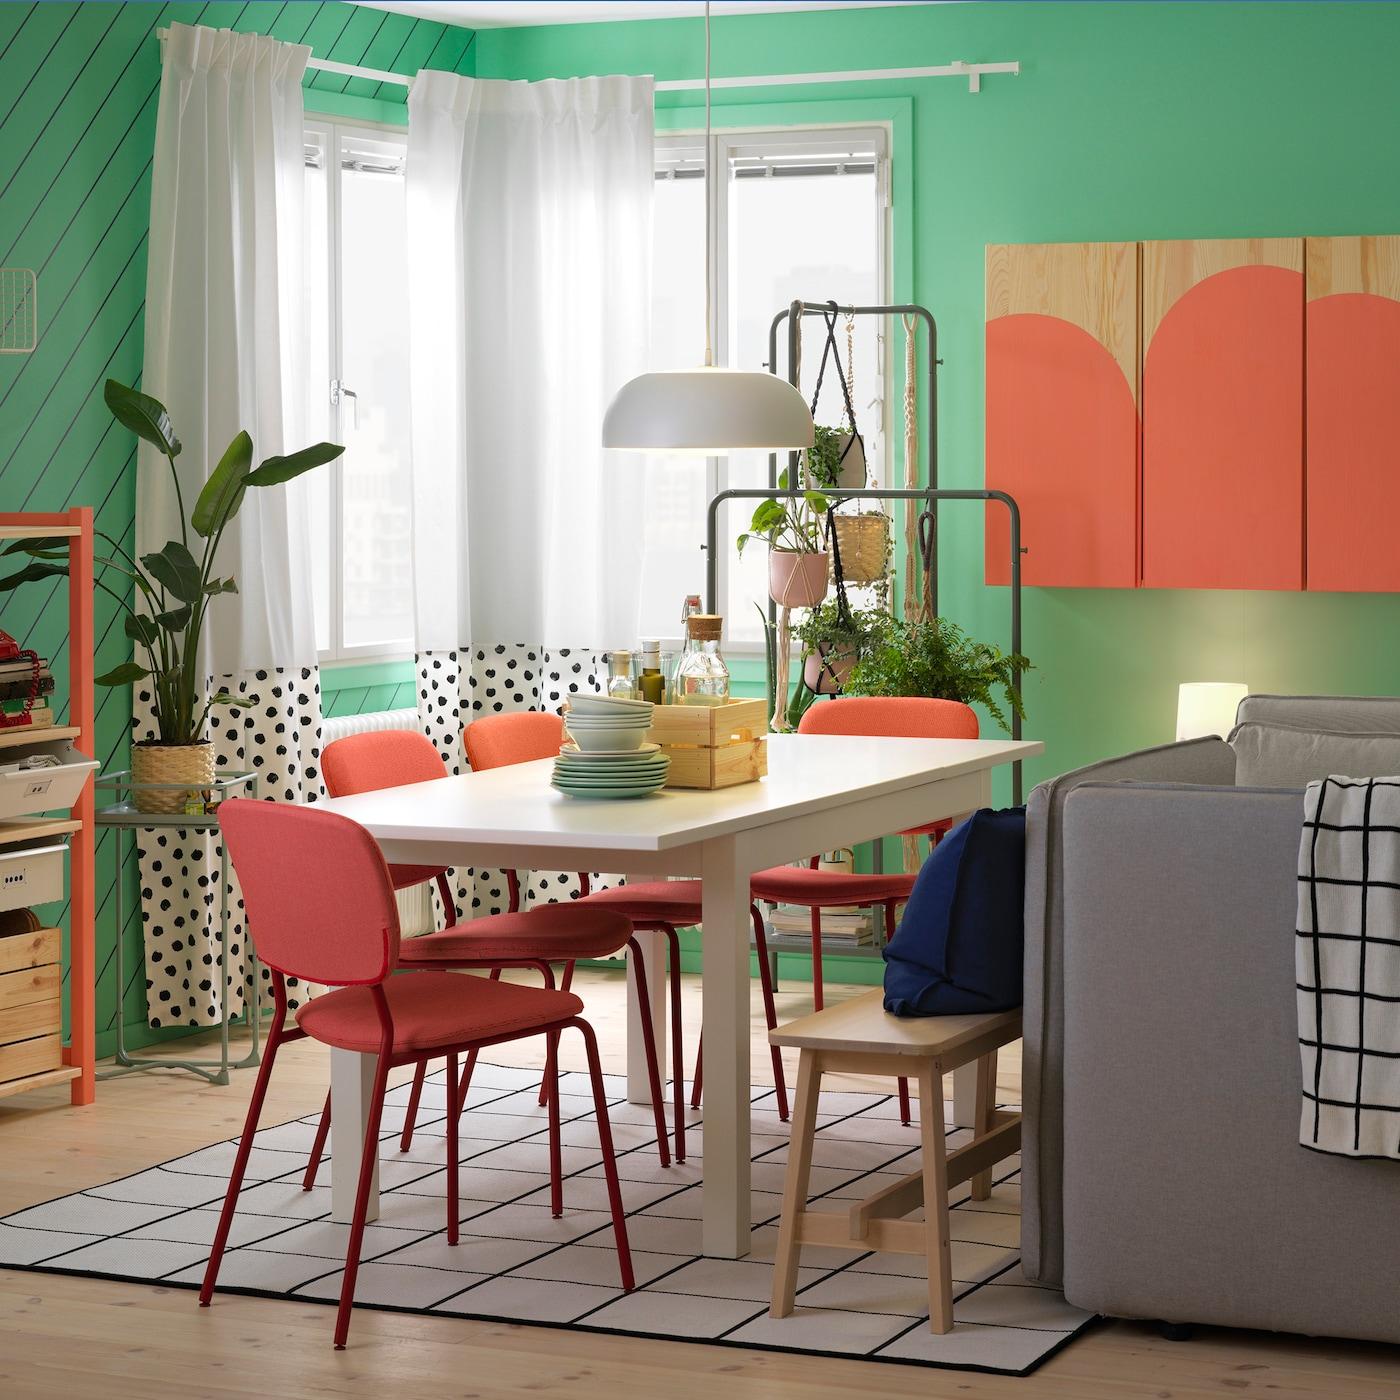 Étkező, asztallal és székekkel, szekrény, dobozokkal.